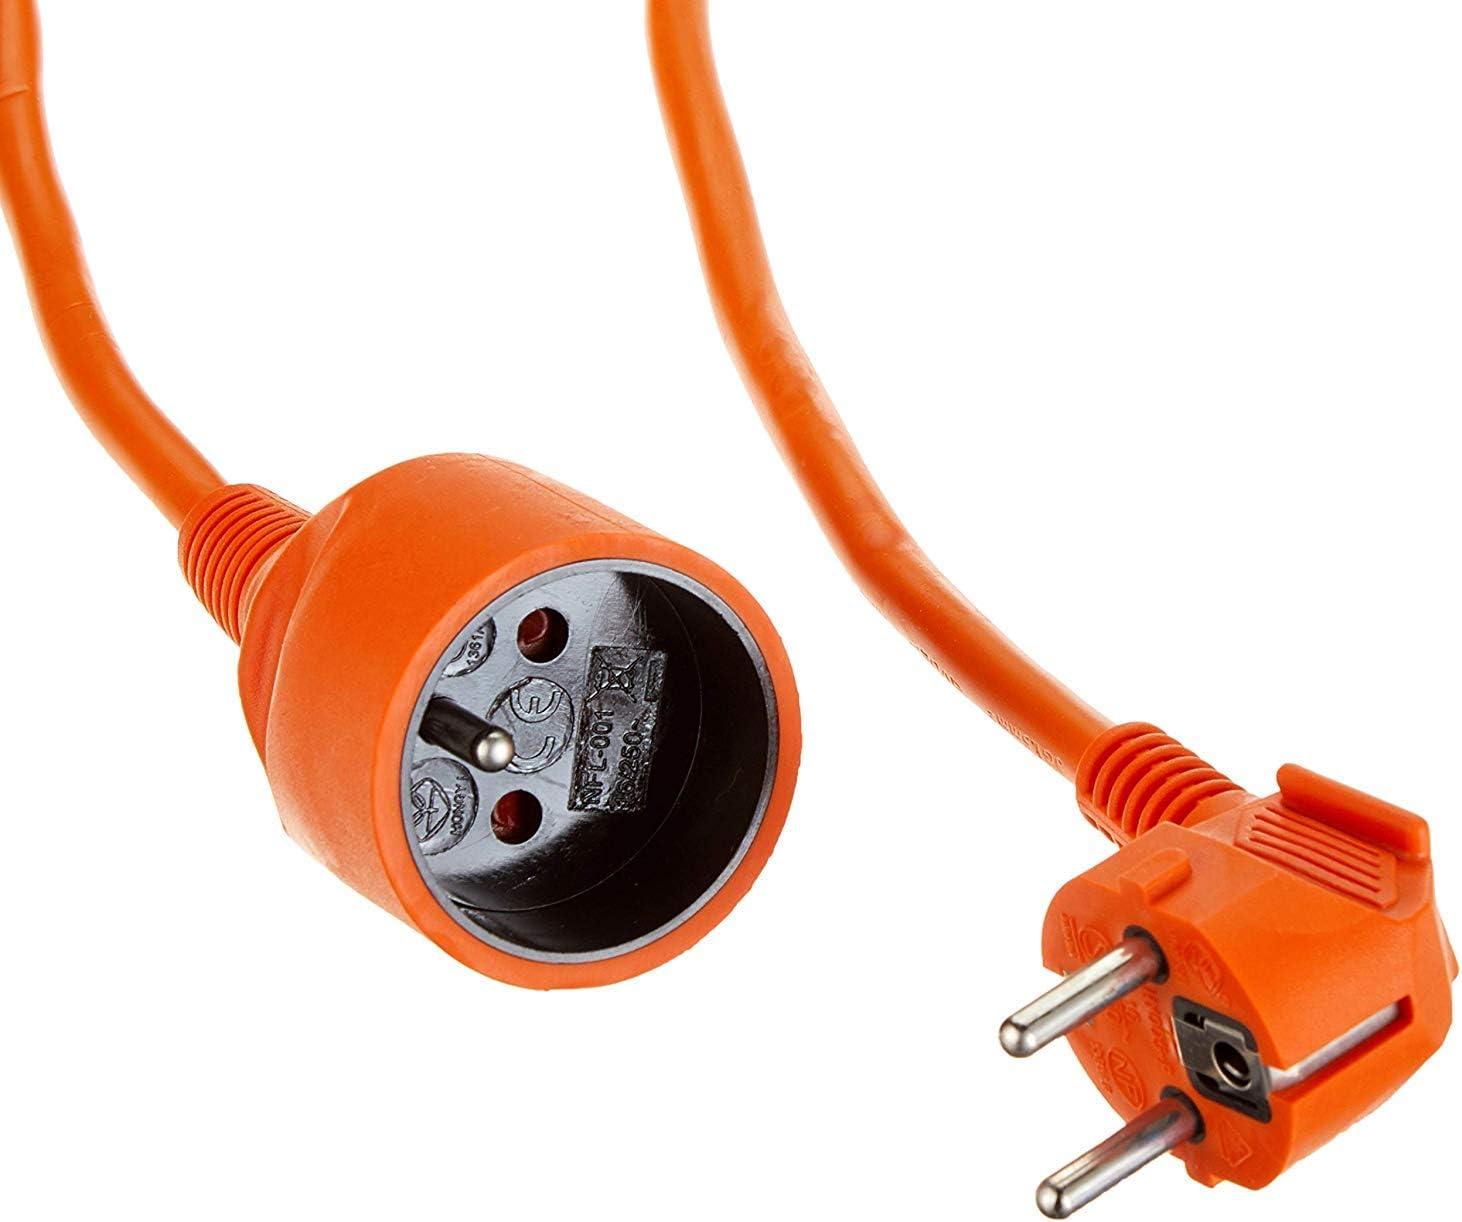 Premiumcord Verlängerungskabel 230v 20m Mit Kindersicherung Stromkabel Netzkabel Schuko Verlängerung Buchse Auf Stecker Typ F Farbe